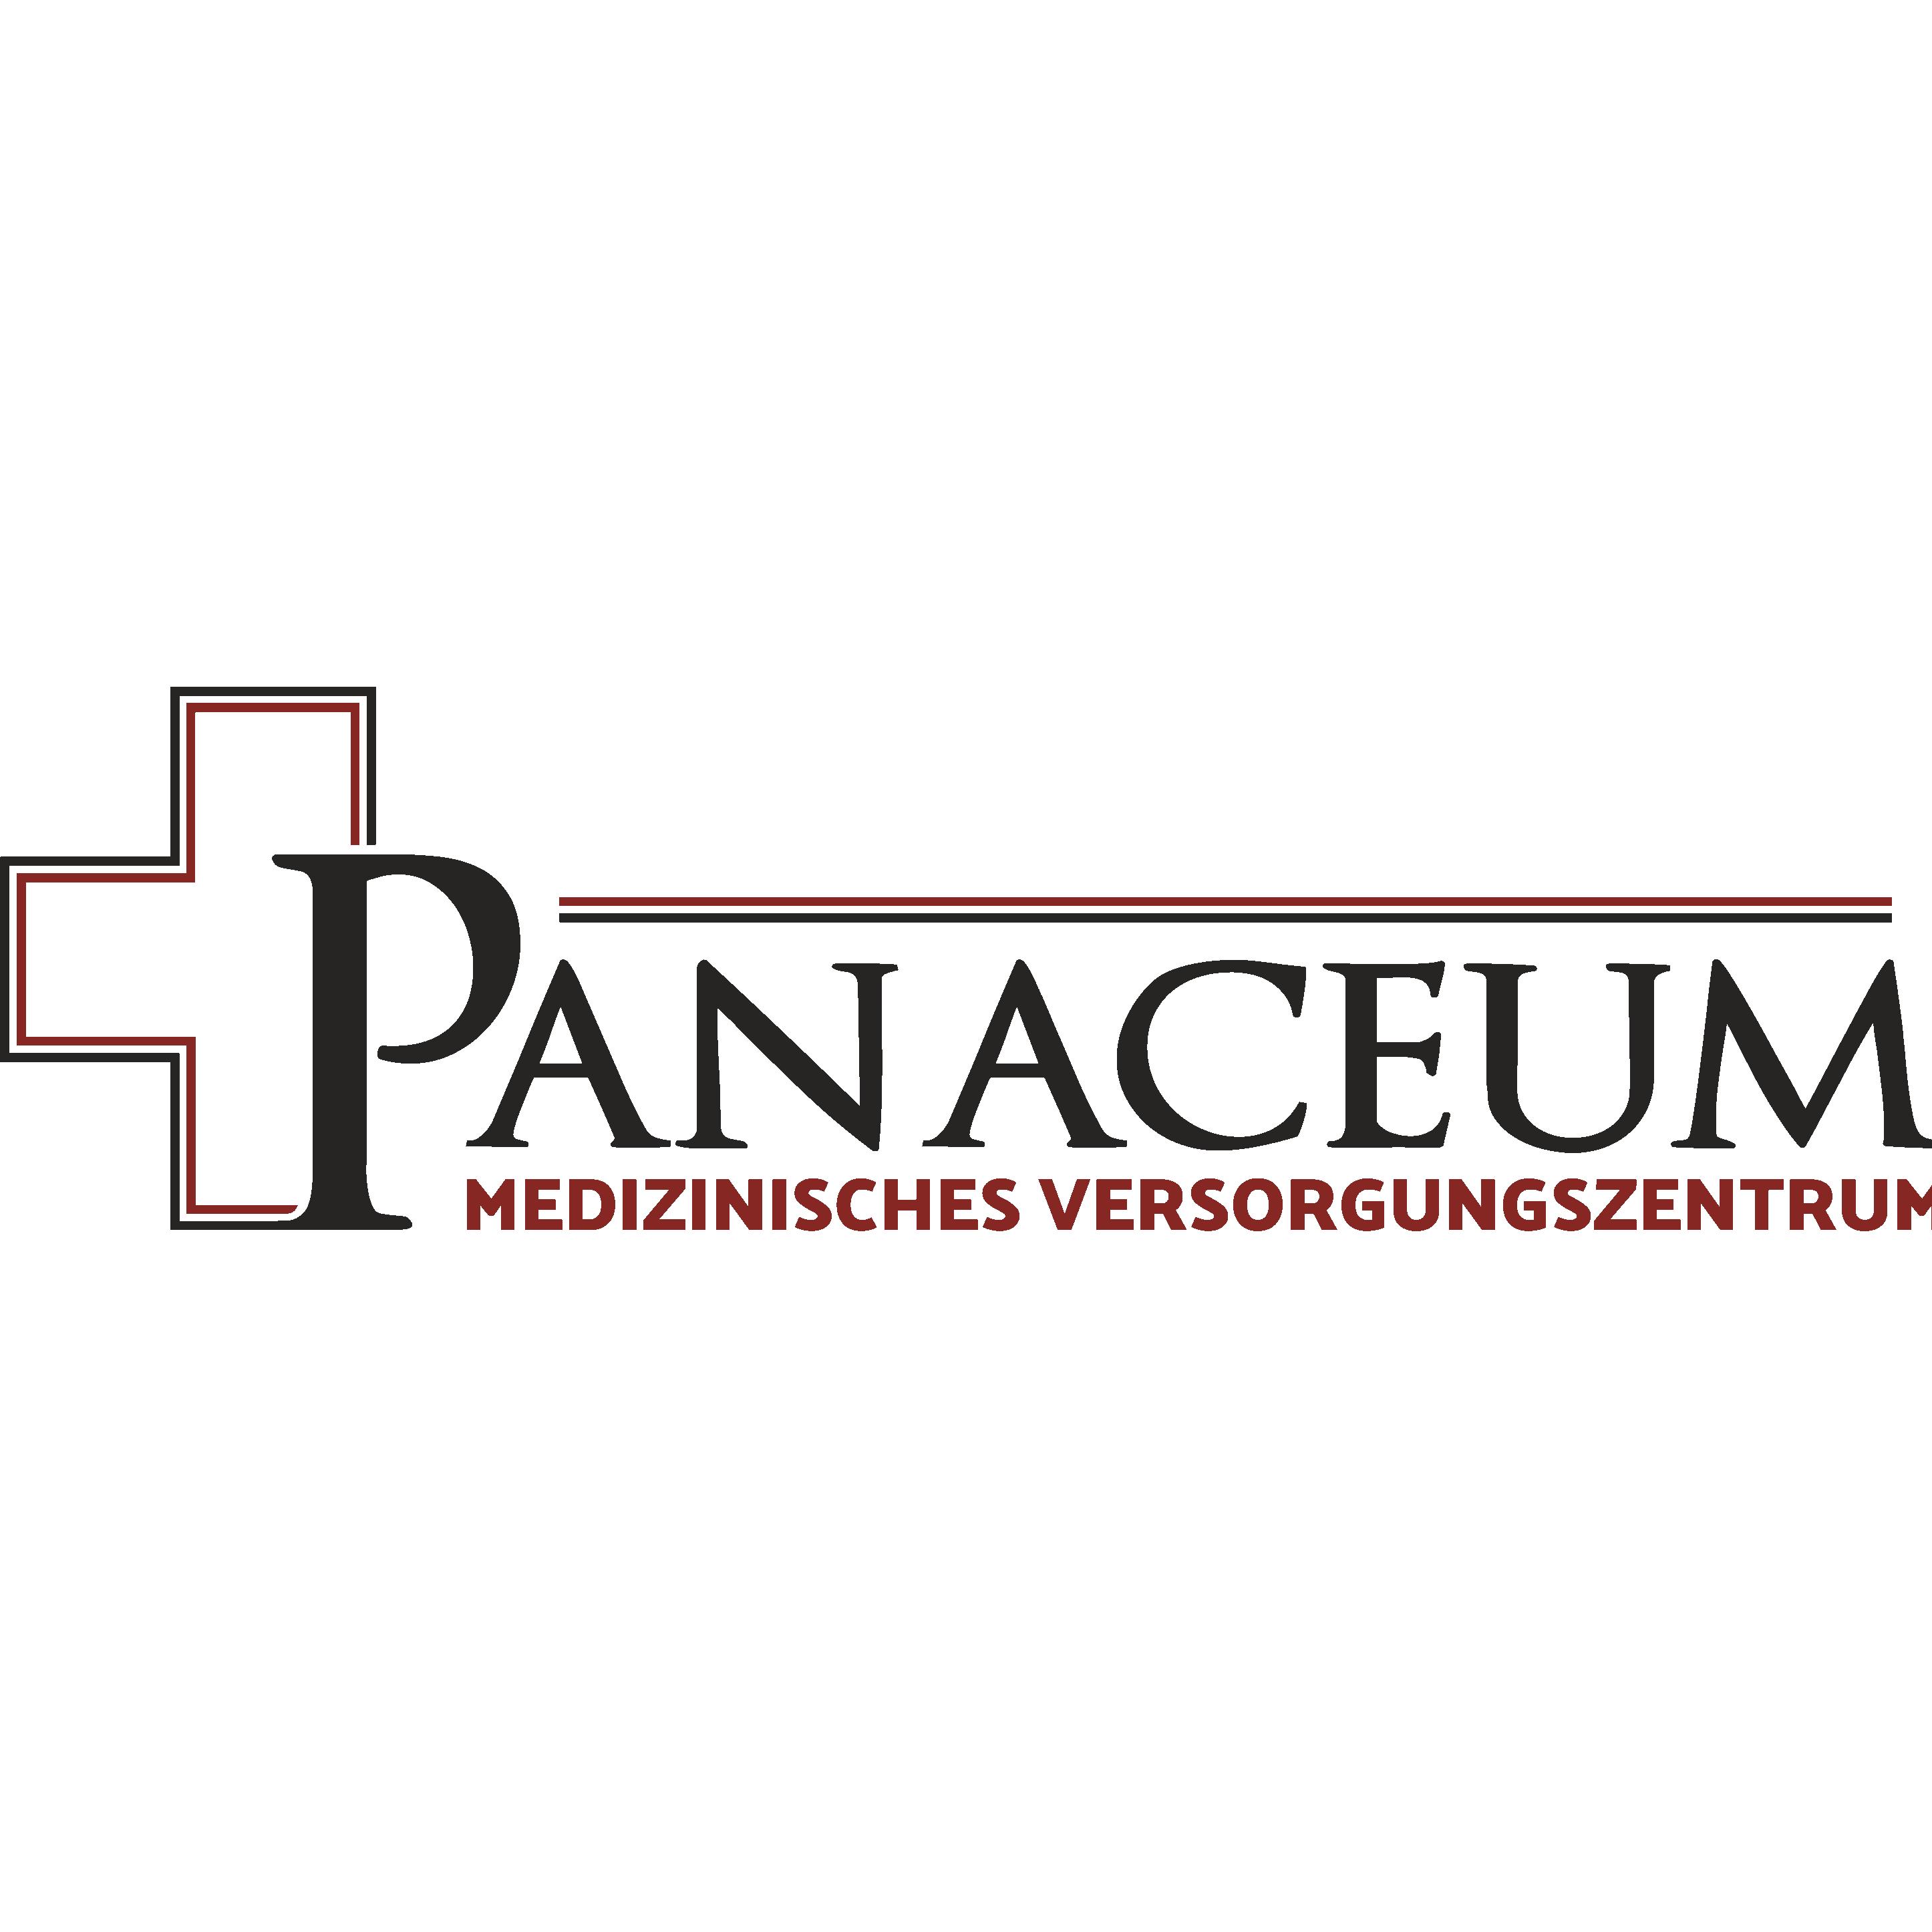 Bild zu PANACEUM Medizinisches Versorgungszentrum in Heusenstamm